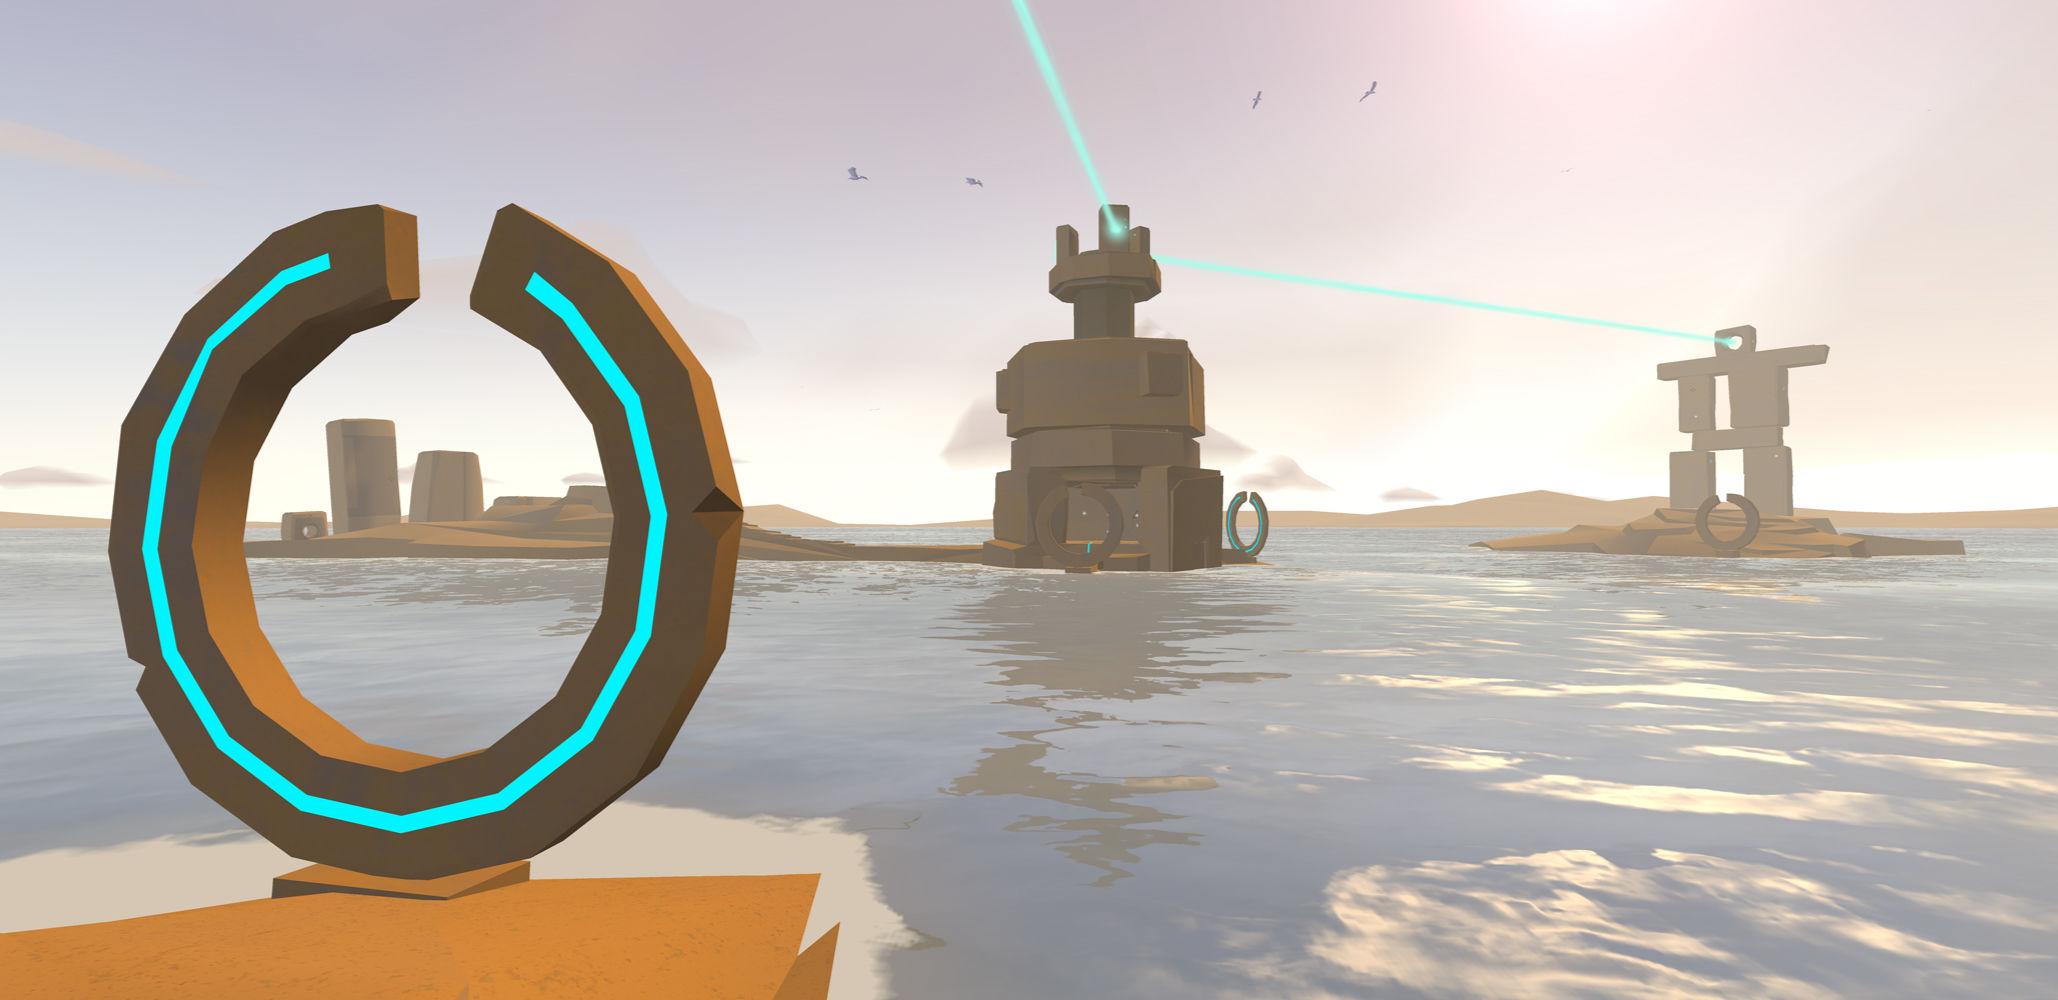 《纪念碑谷》开发商盯上了 VR ,手游是否该换个思路了呢?